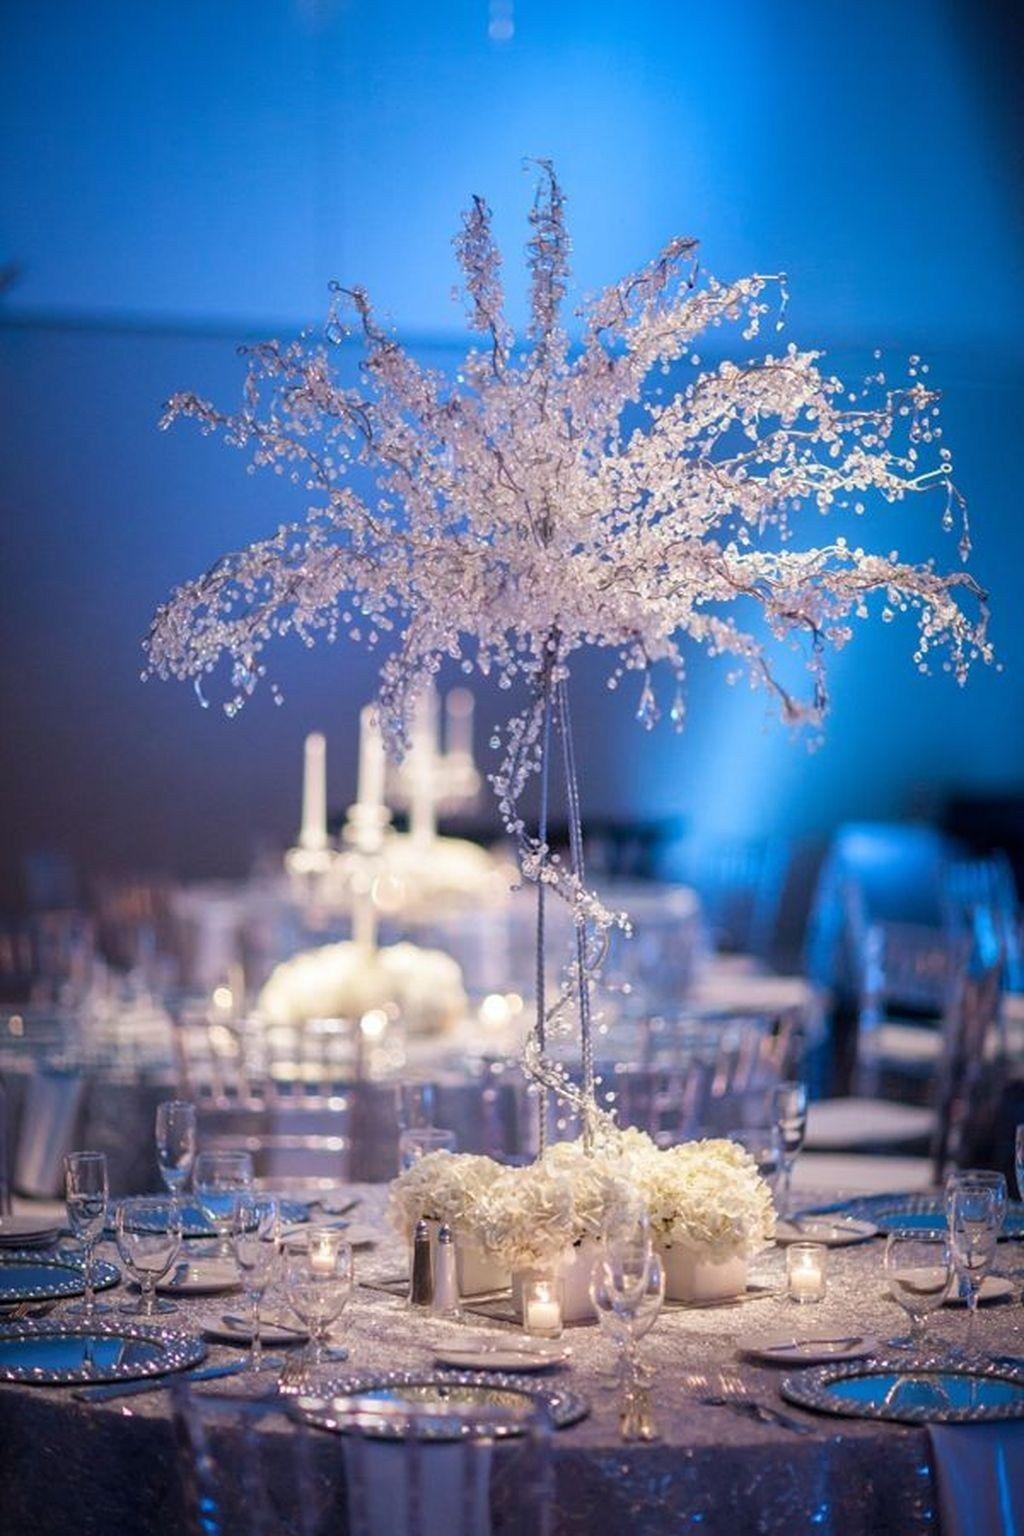 Classy Winter Wonderland Wedding Centerpieces Ideas ...